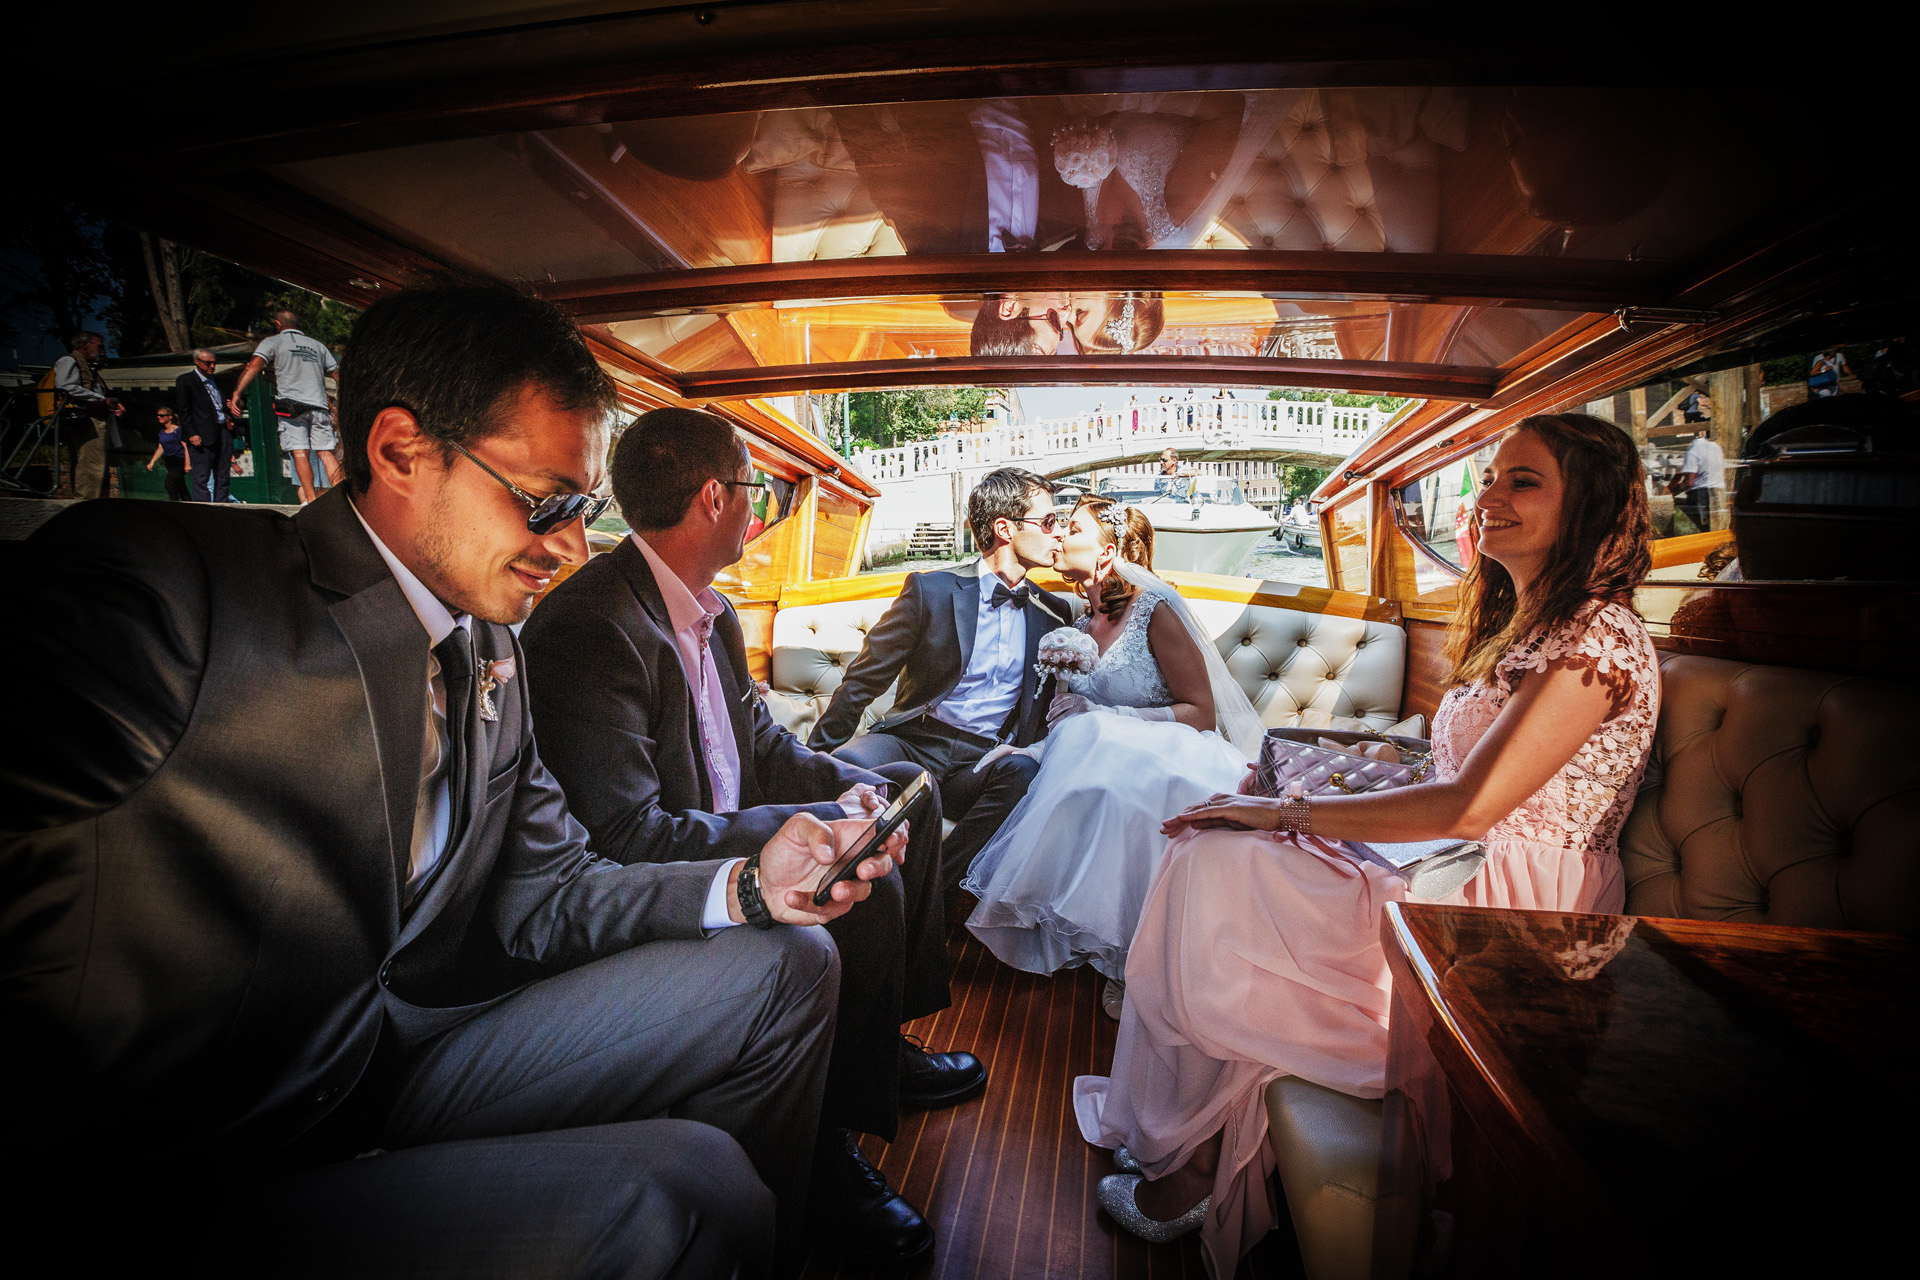 Elopement Picture de Venecia, Italia | Llegando a la ceremonia de la boda en barco.